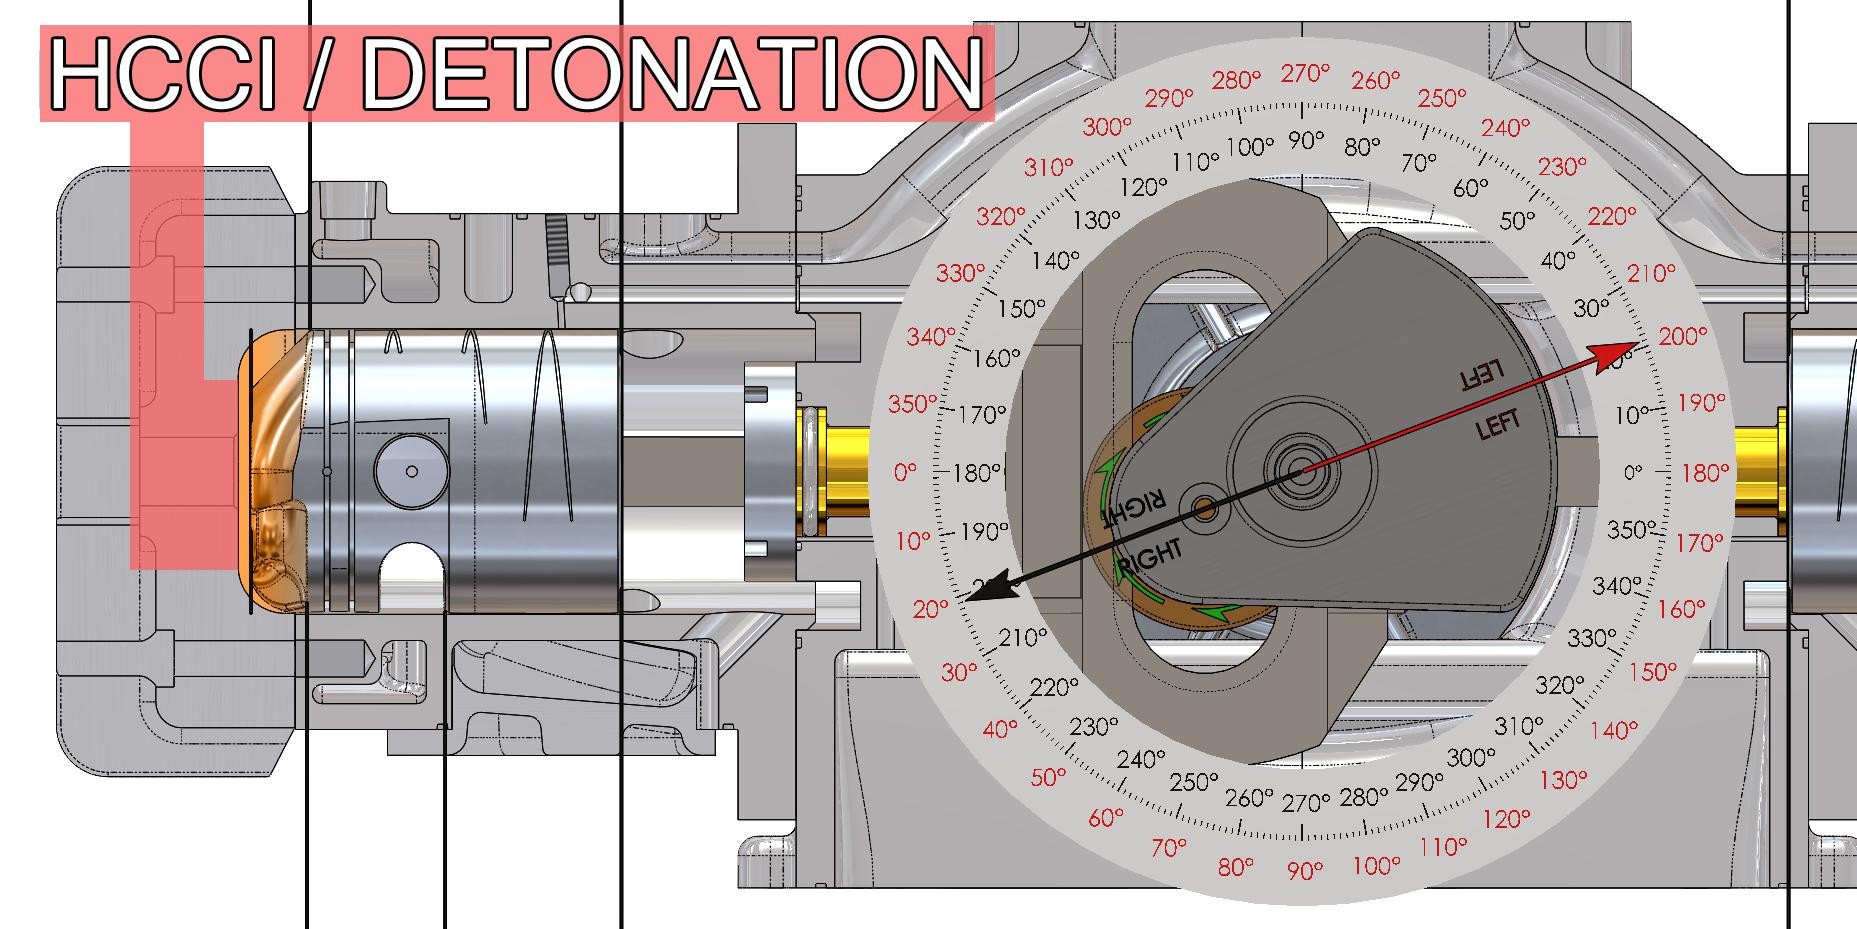 HCCI/Detonation Left Cylinder